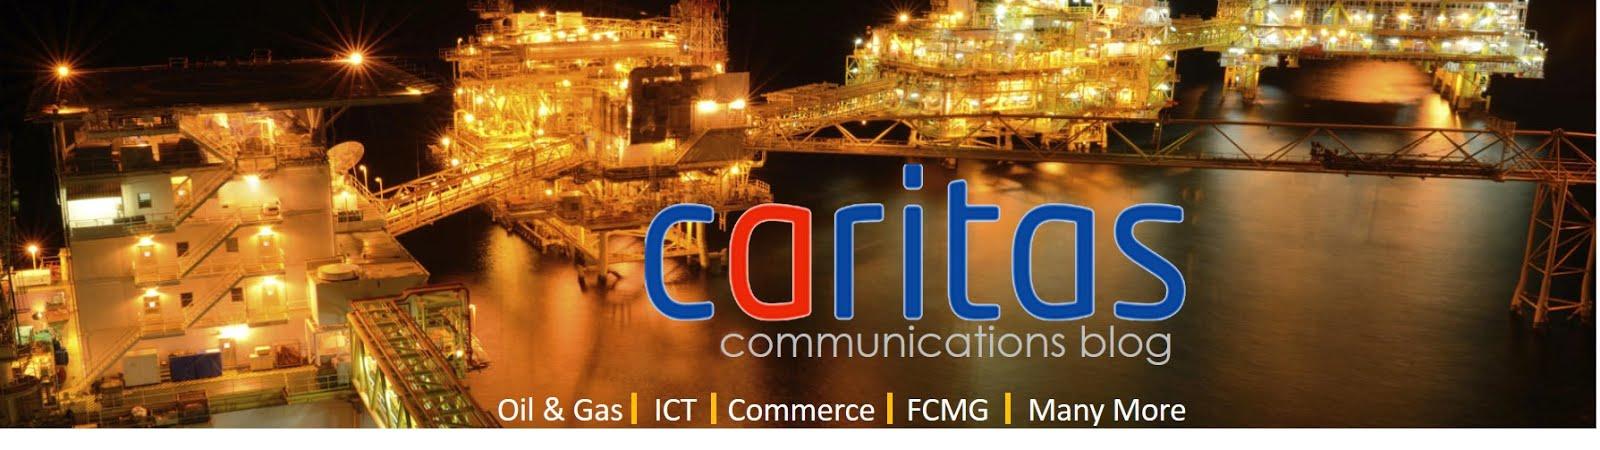 CaritasBlog